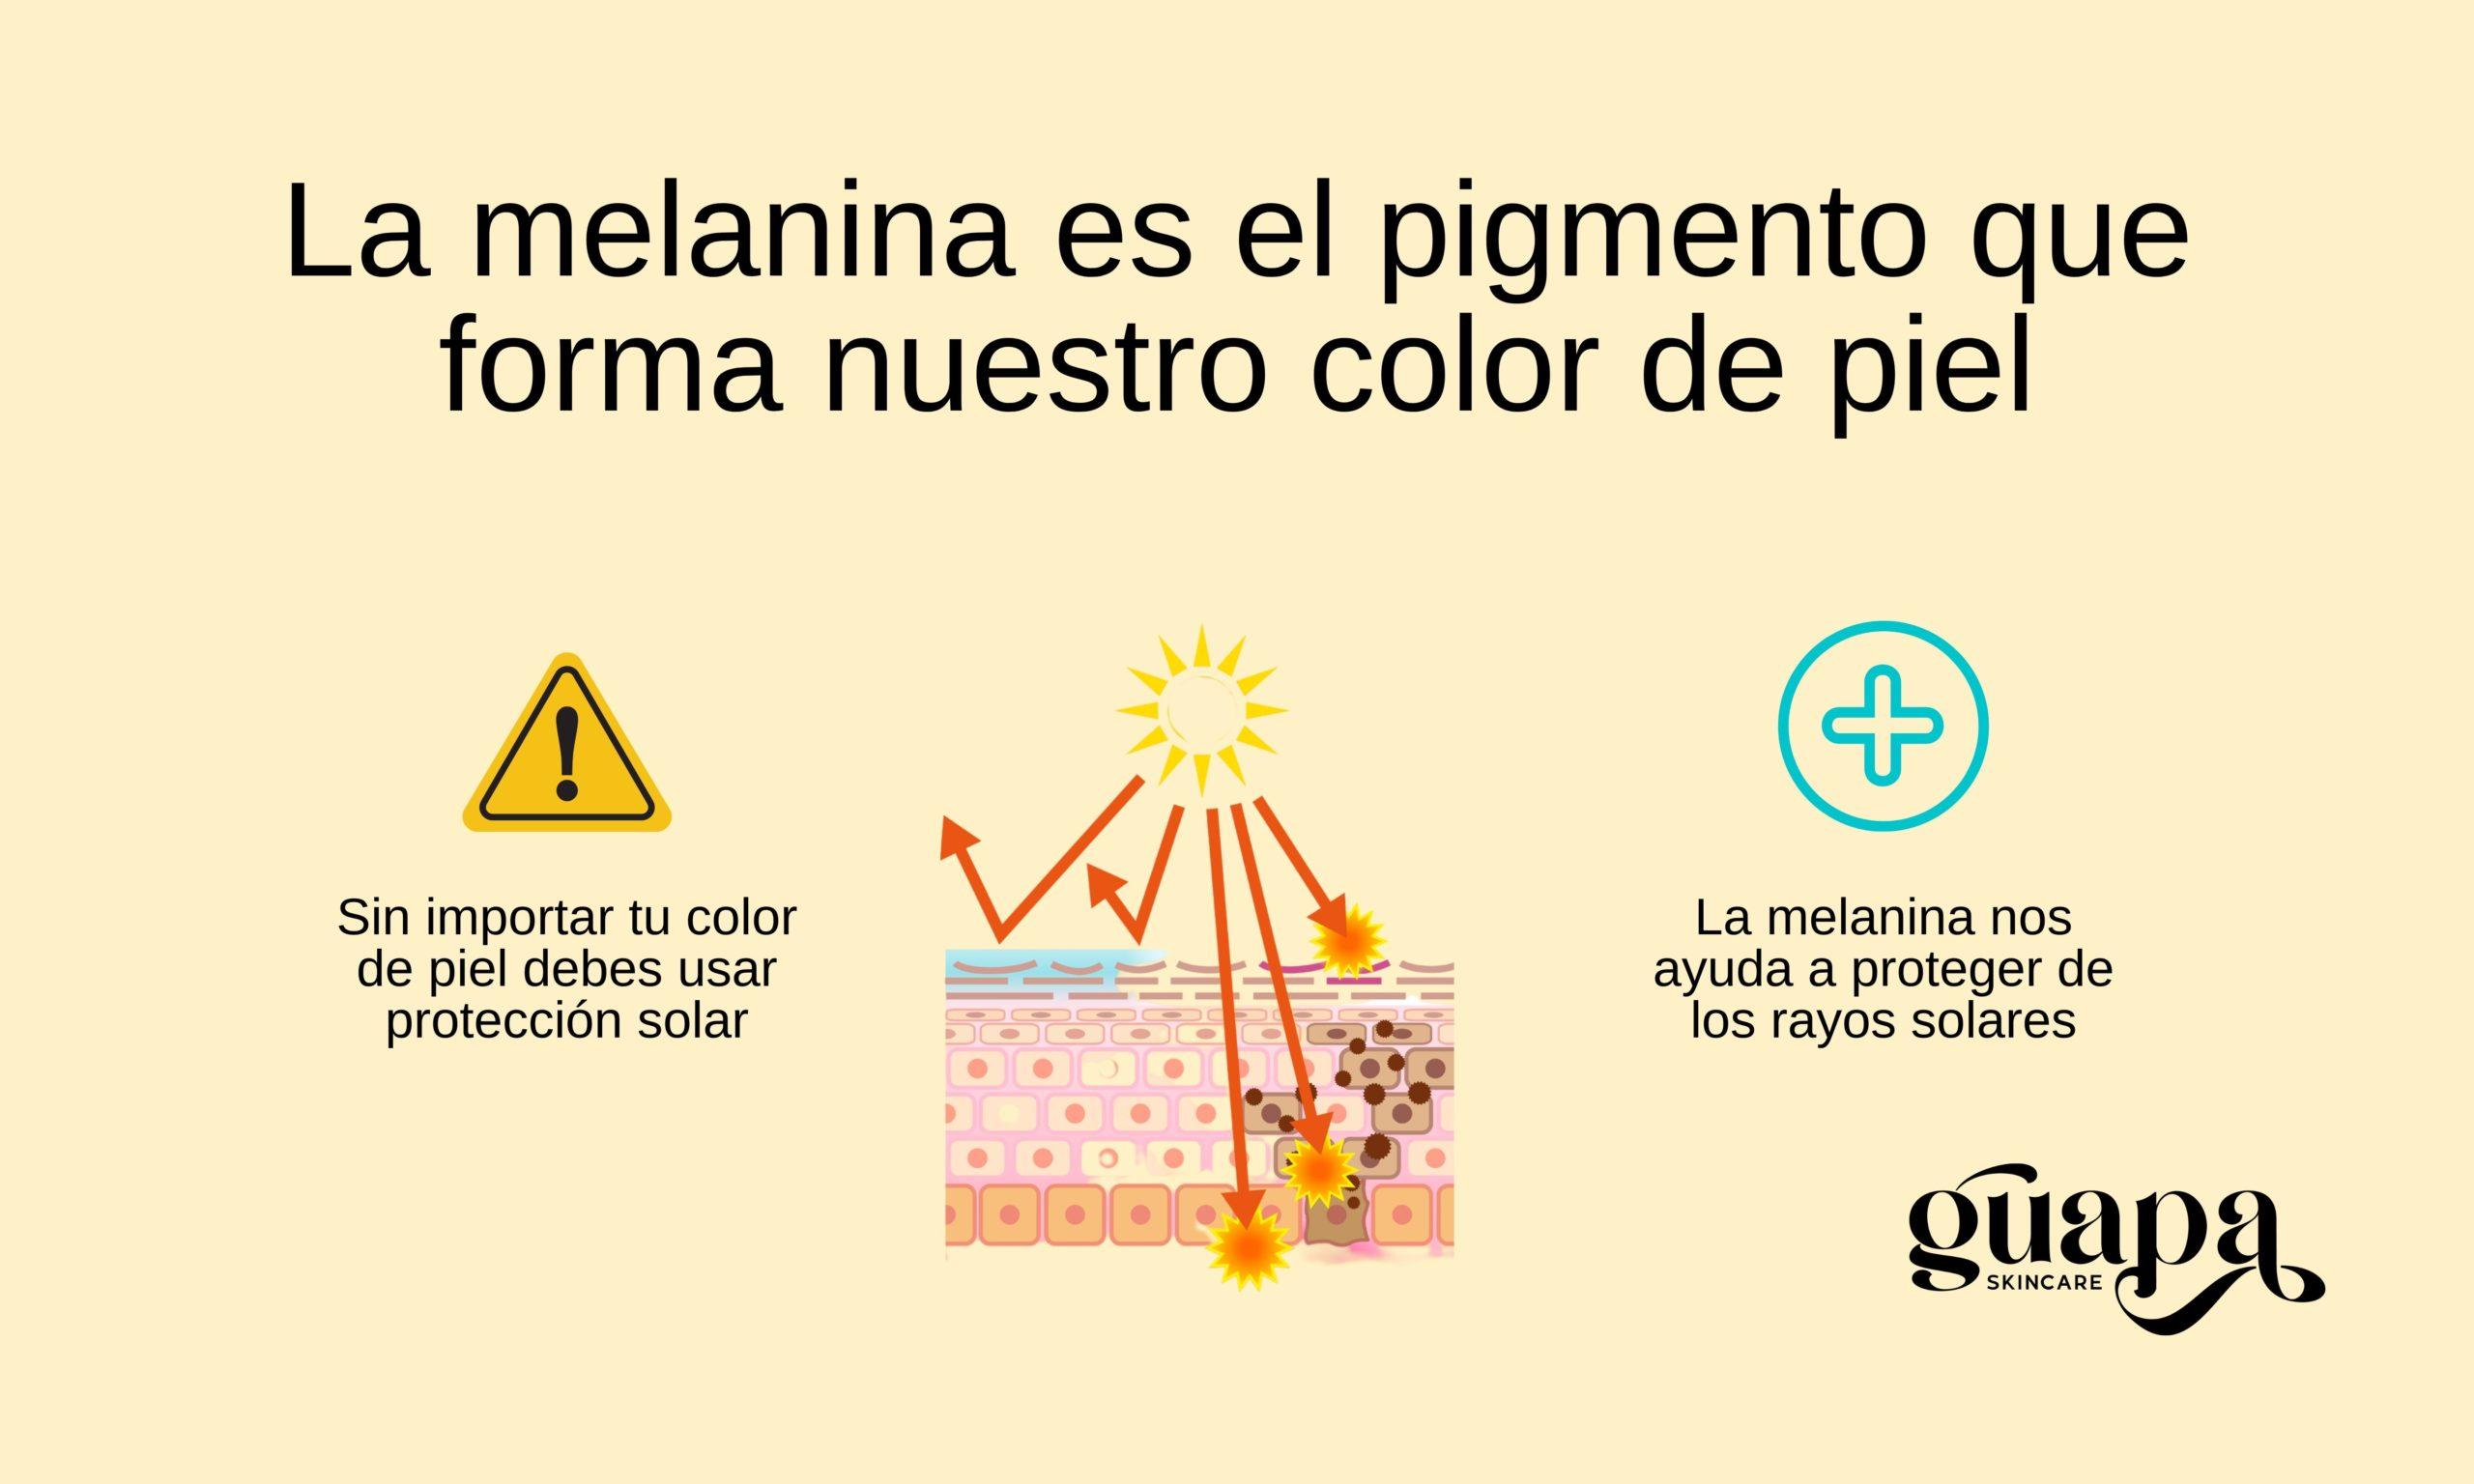 La melanina y el color de piel